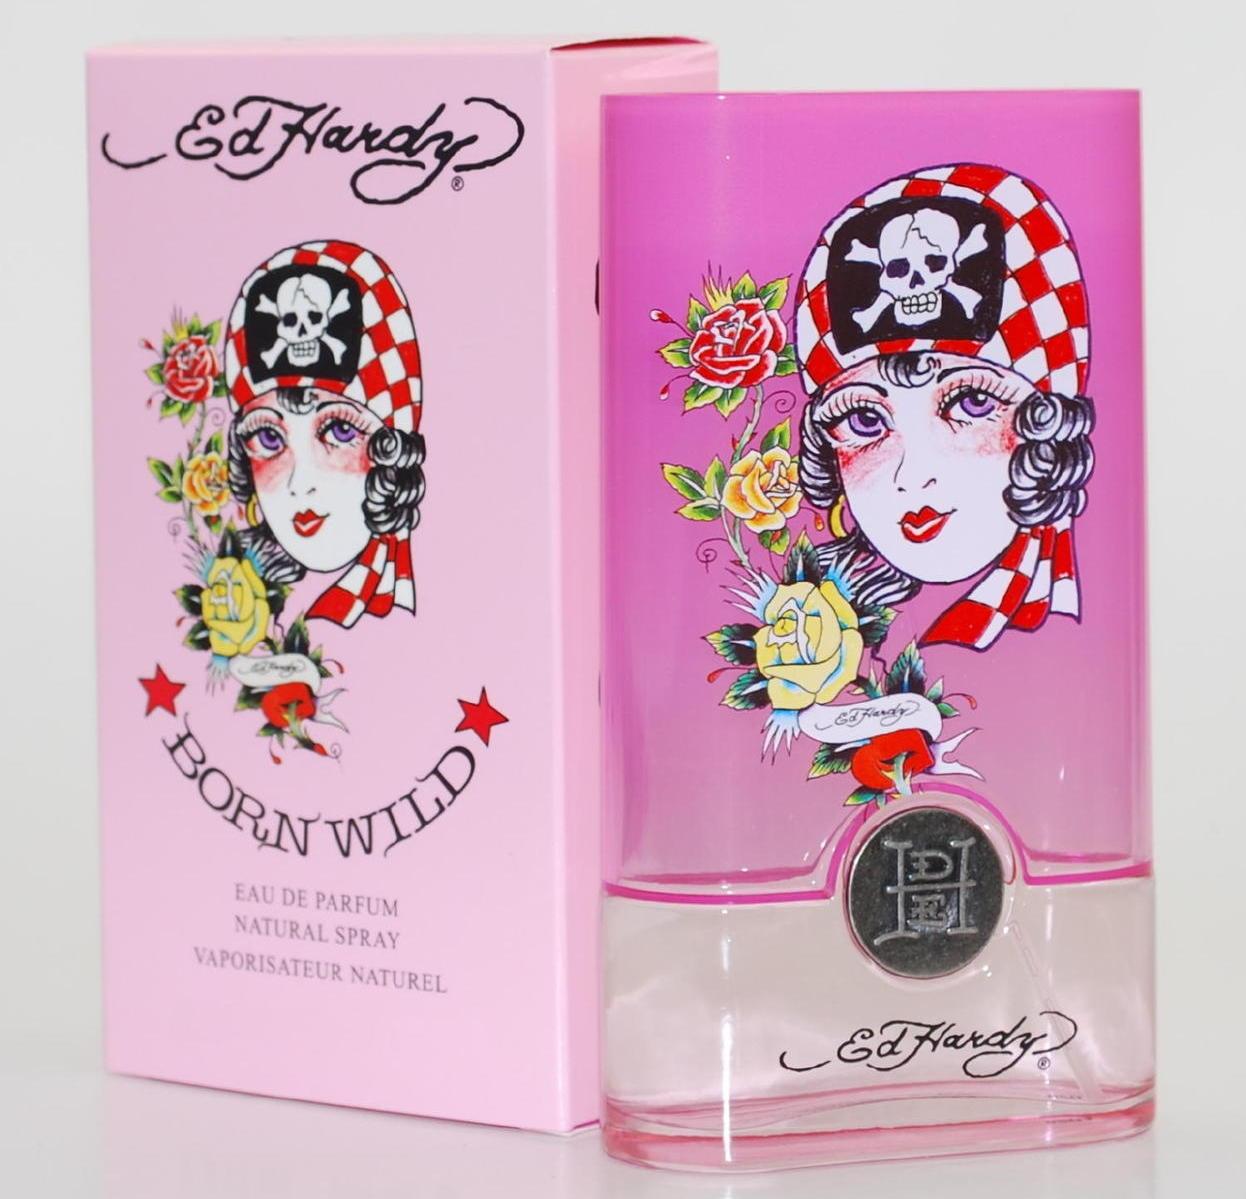 Ed Hardy Born Wild Shop: Ed Hardy Born Wild For Women Eau De Parfum Spray 30mL Cologne Christian Audigier